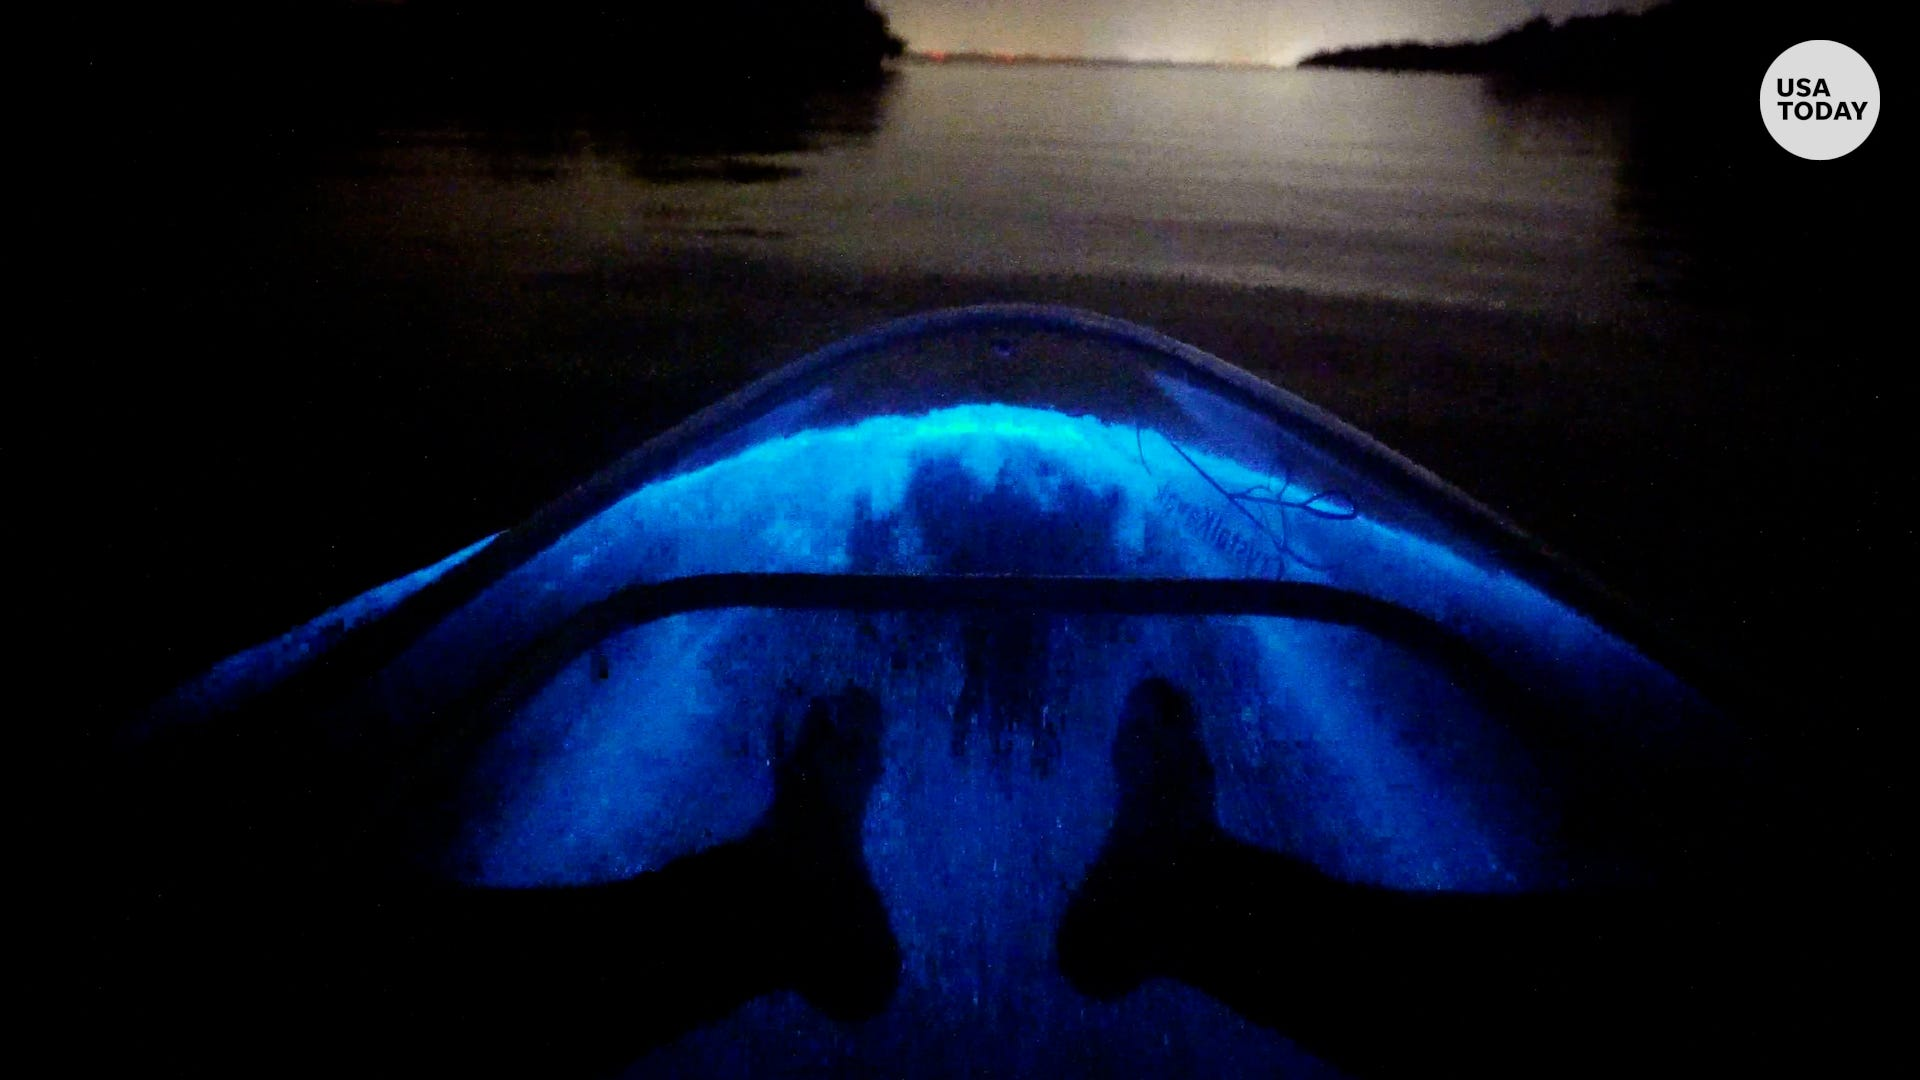 Dazzling bioluminescent kayak tour looks magical